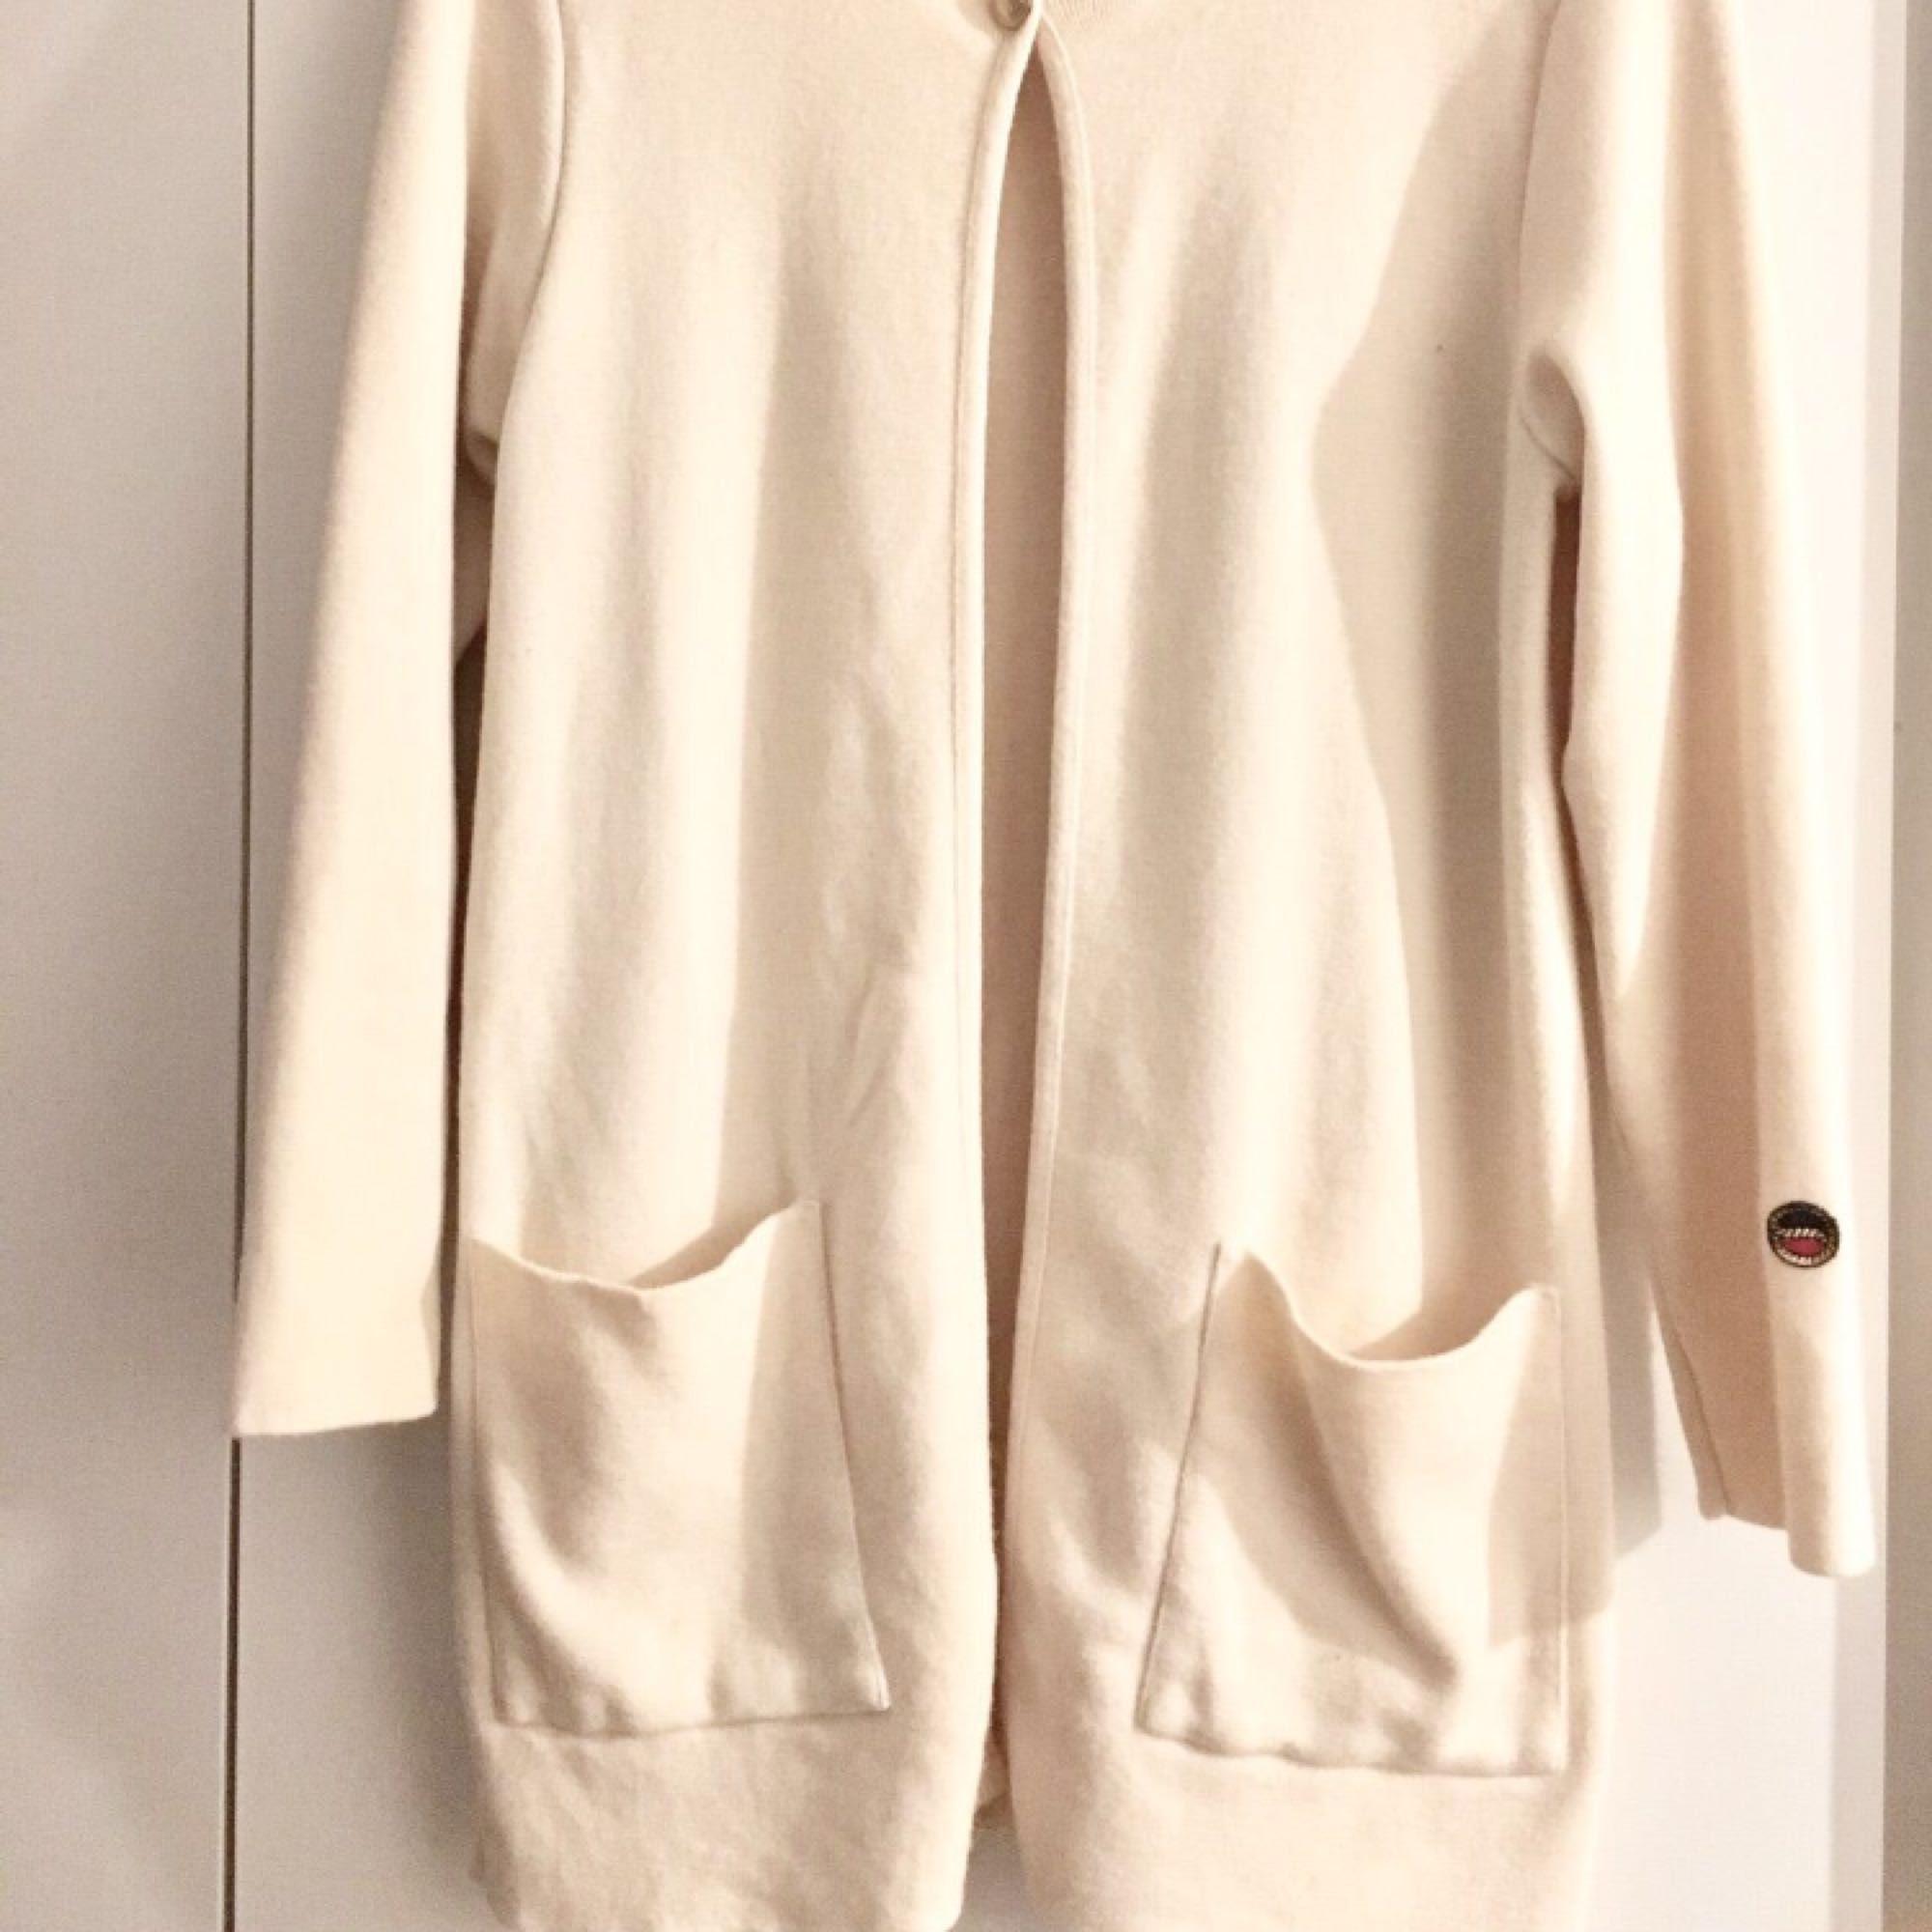 Busnel Petra coat  Härlig kappa i fin ullkvalité från Busnel. Rak passform, och lite tunnare kvalité som försluts med guldfärgade knappar. Busnel-avsändare på vänster ärm. 100% ull. Färg: offwhite. Jackor.